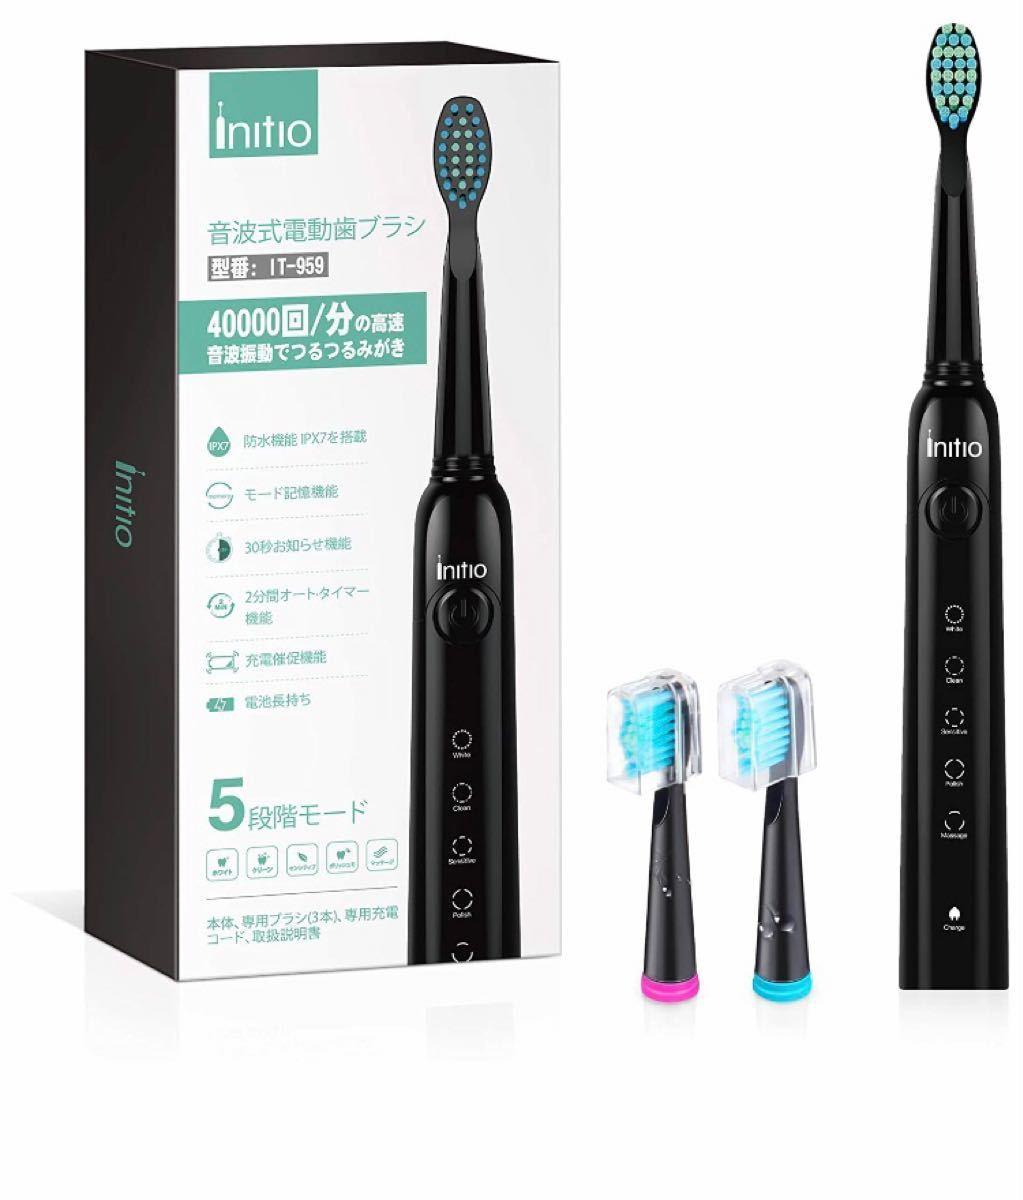 電動歯ブラシ 歯ブラシ ハブラシ INITIO 音波歯ブラシ USB充電式 歯磨き 電動歯磨き 3本替えブラシ 口内ケア